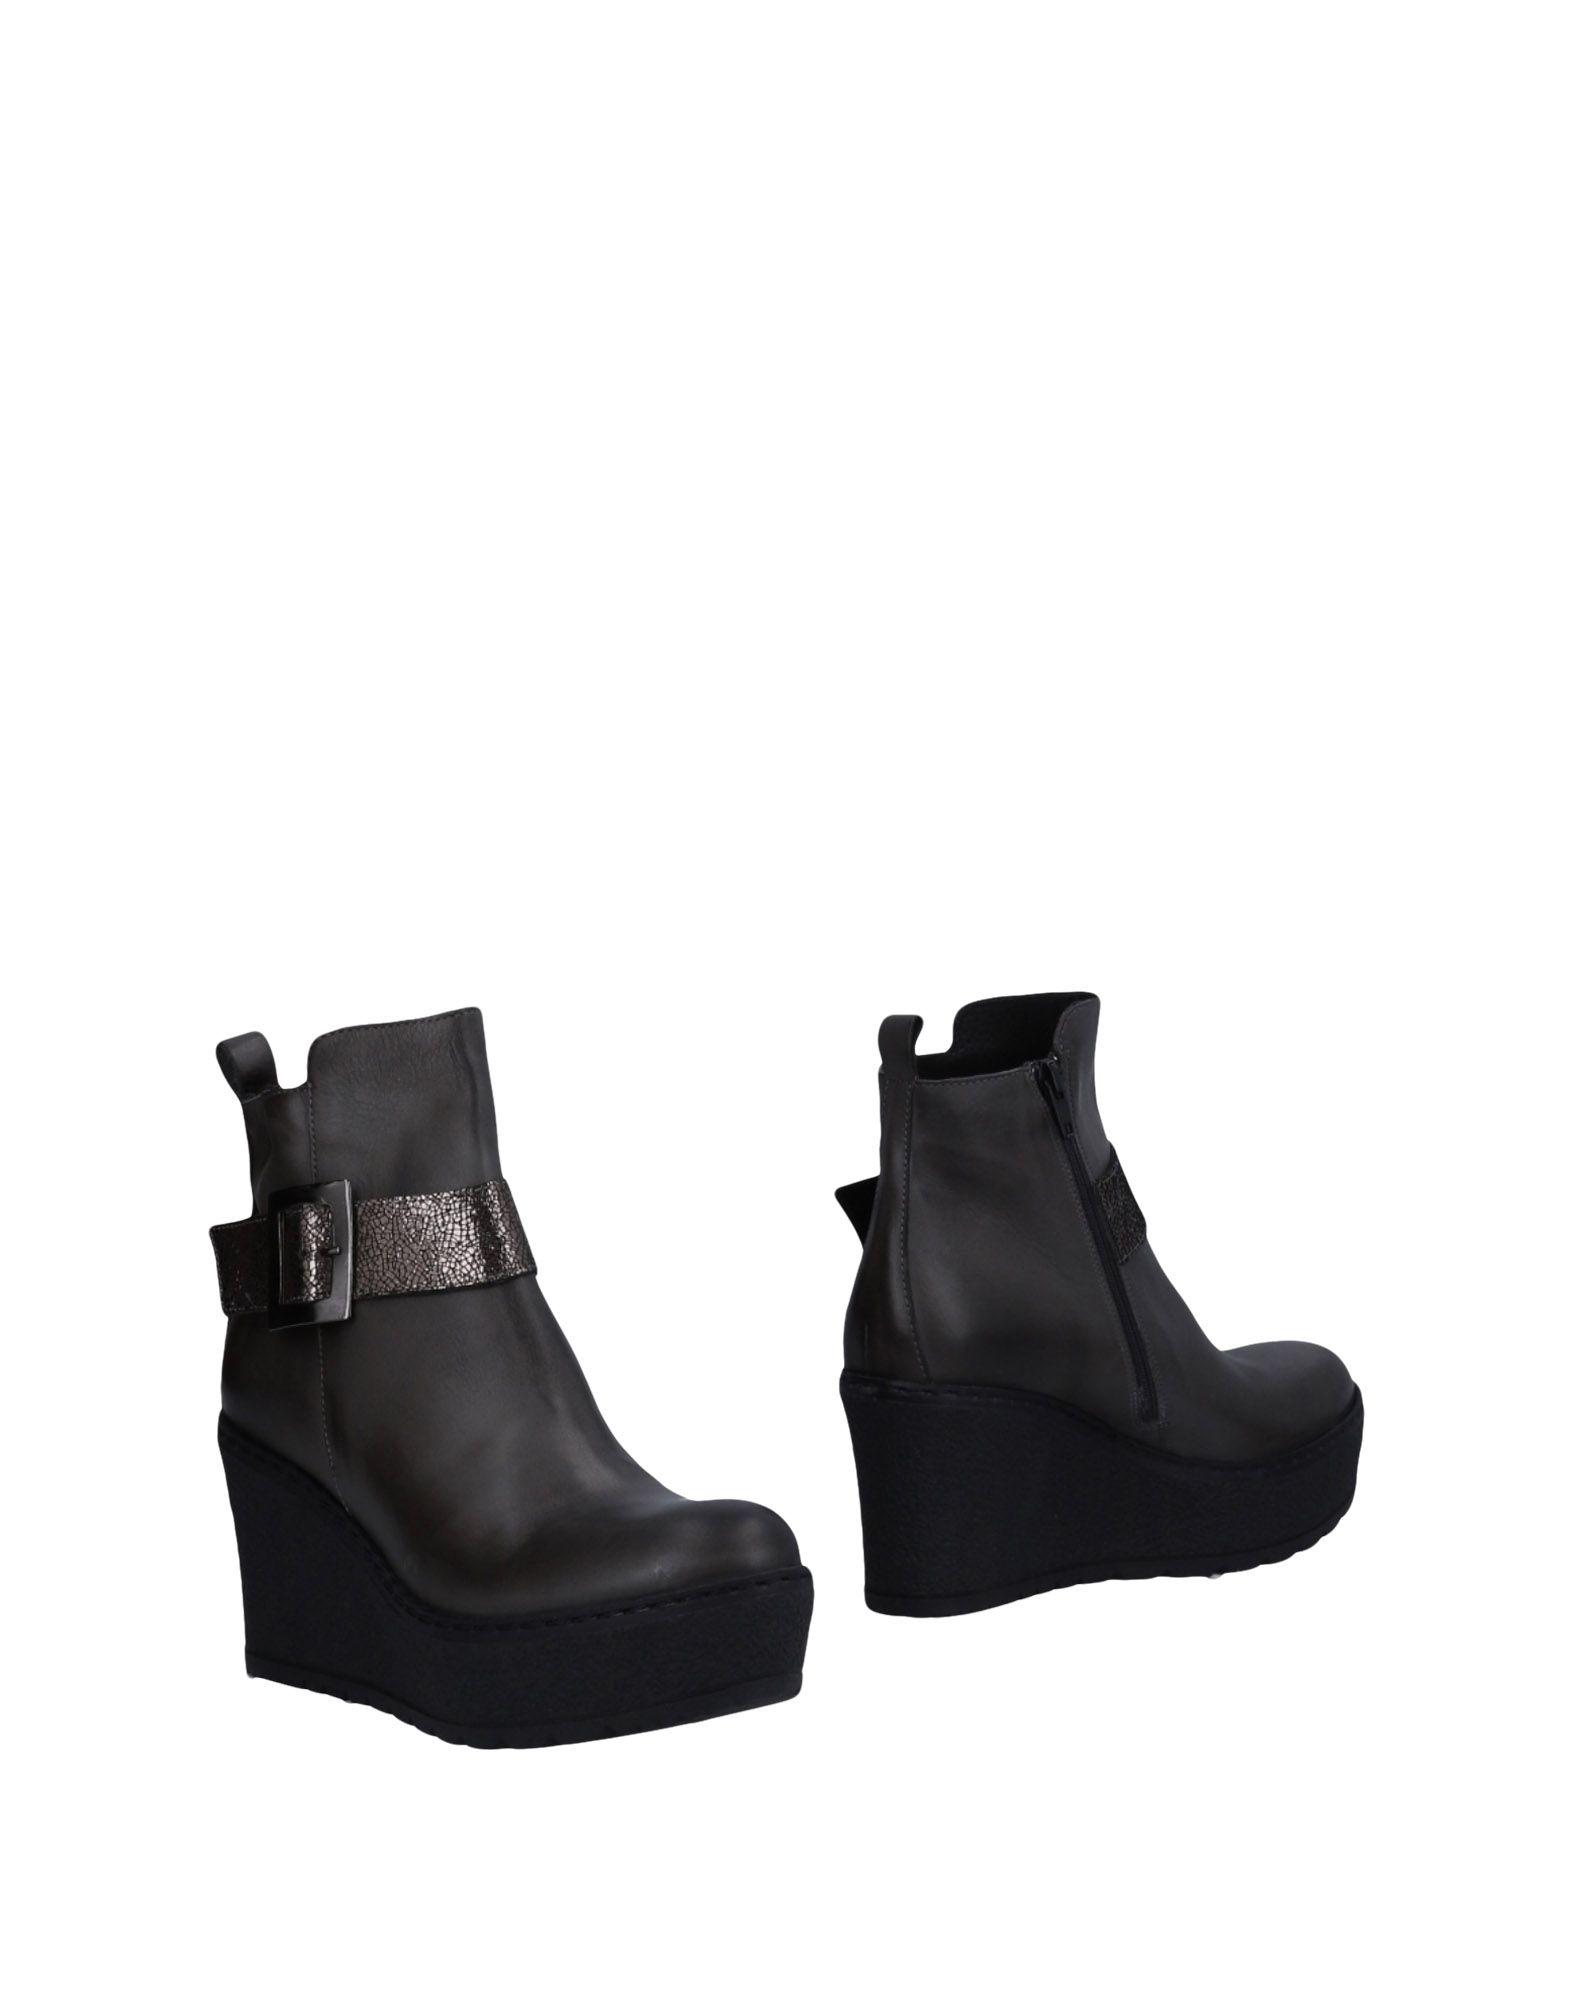 Gut um billige Schuhe zu 11491329OG tragenPiampiani Stiefelette Damen  11491329OG zu 2f9c90